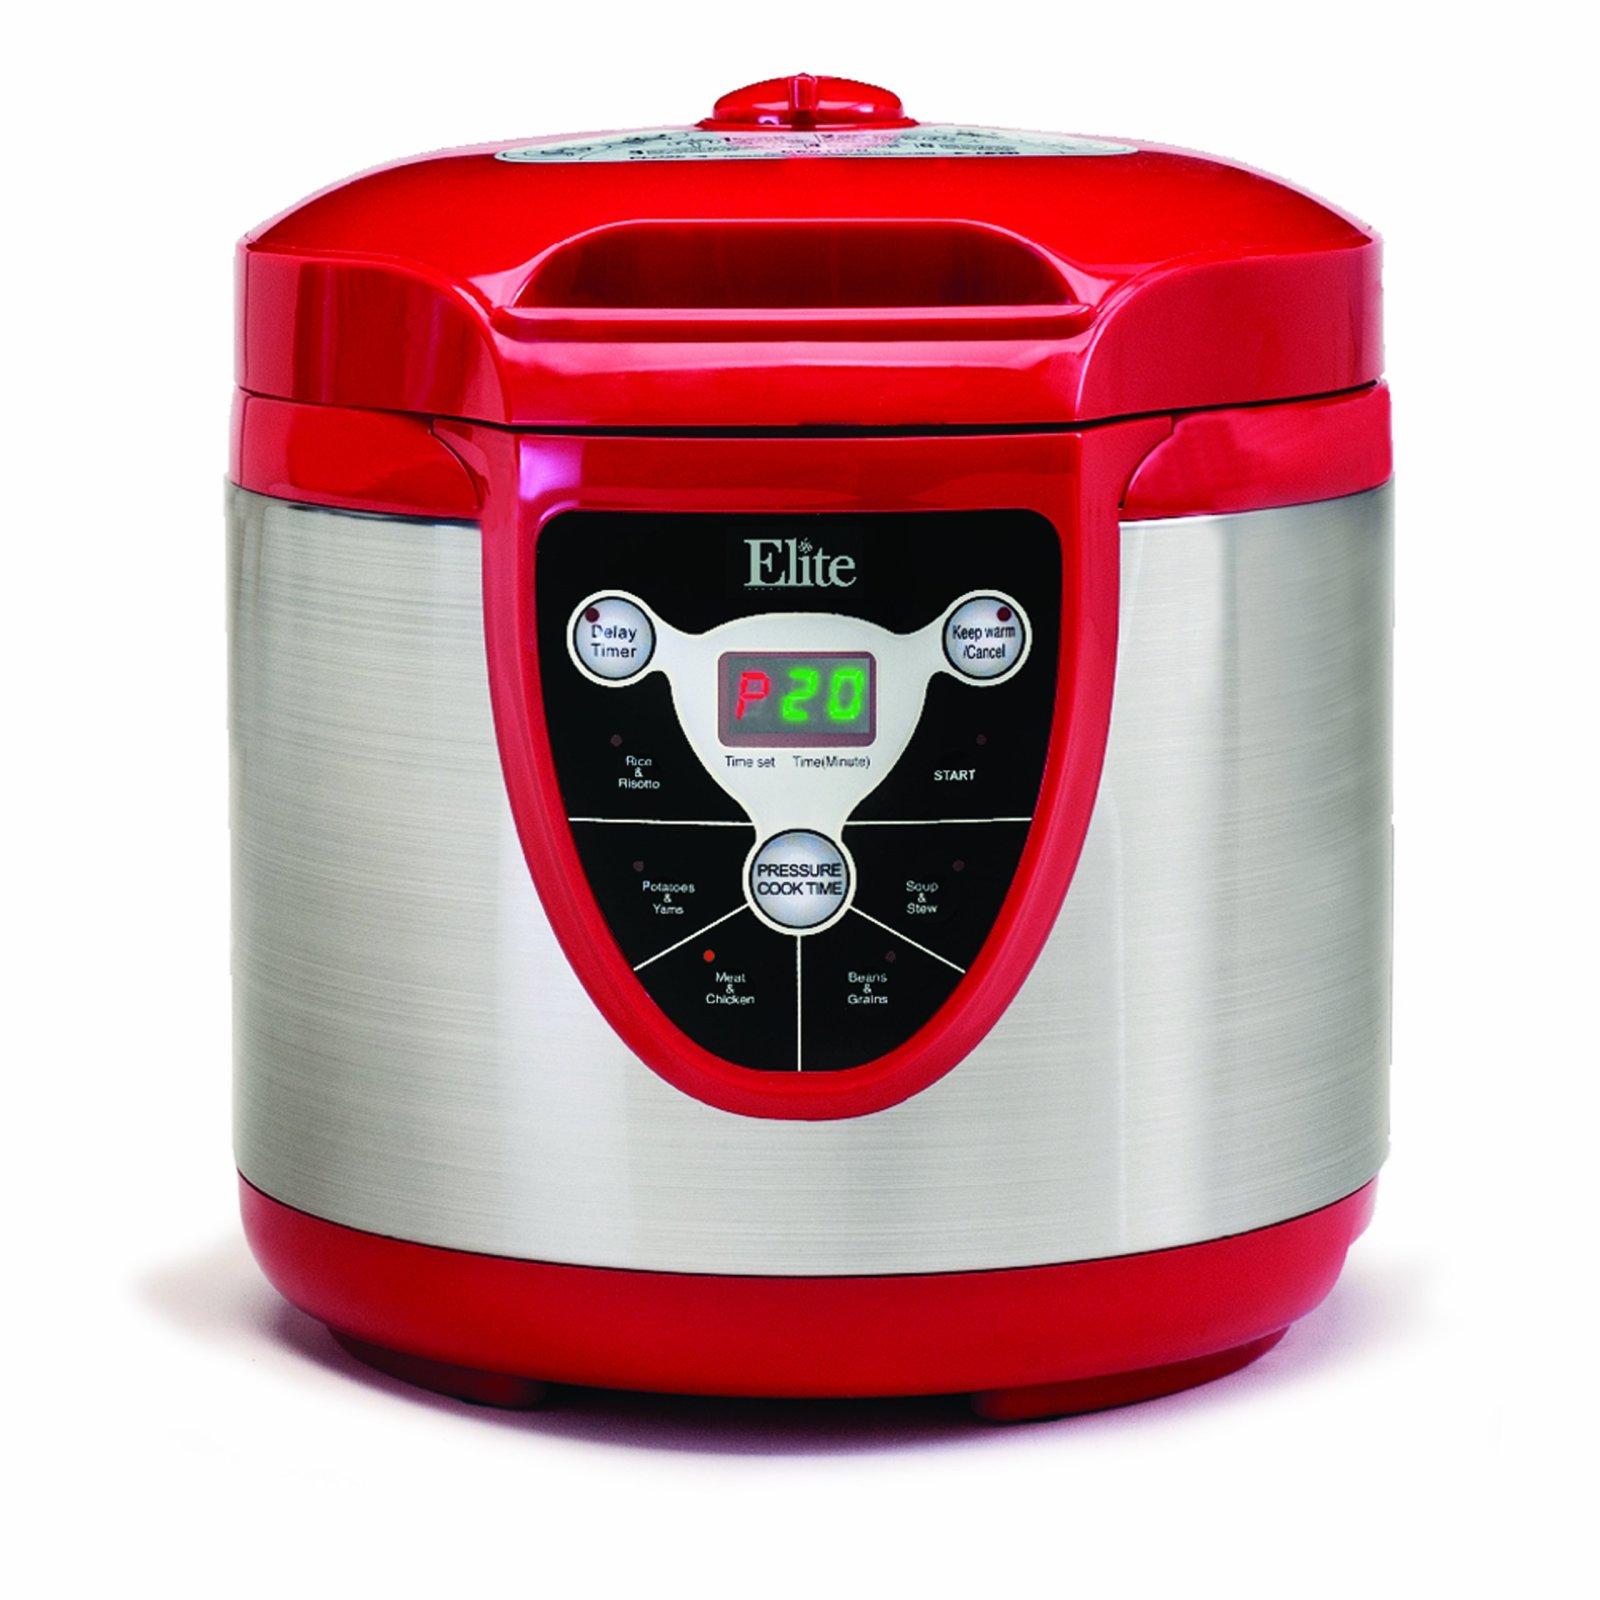 Elite Platinum EPC-607R Maxi-Matic 6 Quart Electric Pressure Cooker, Red